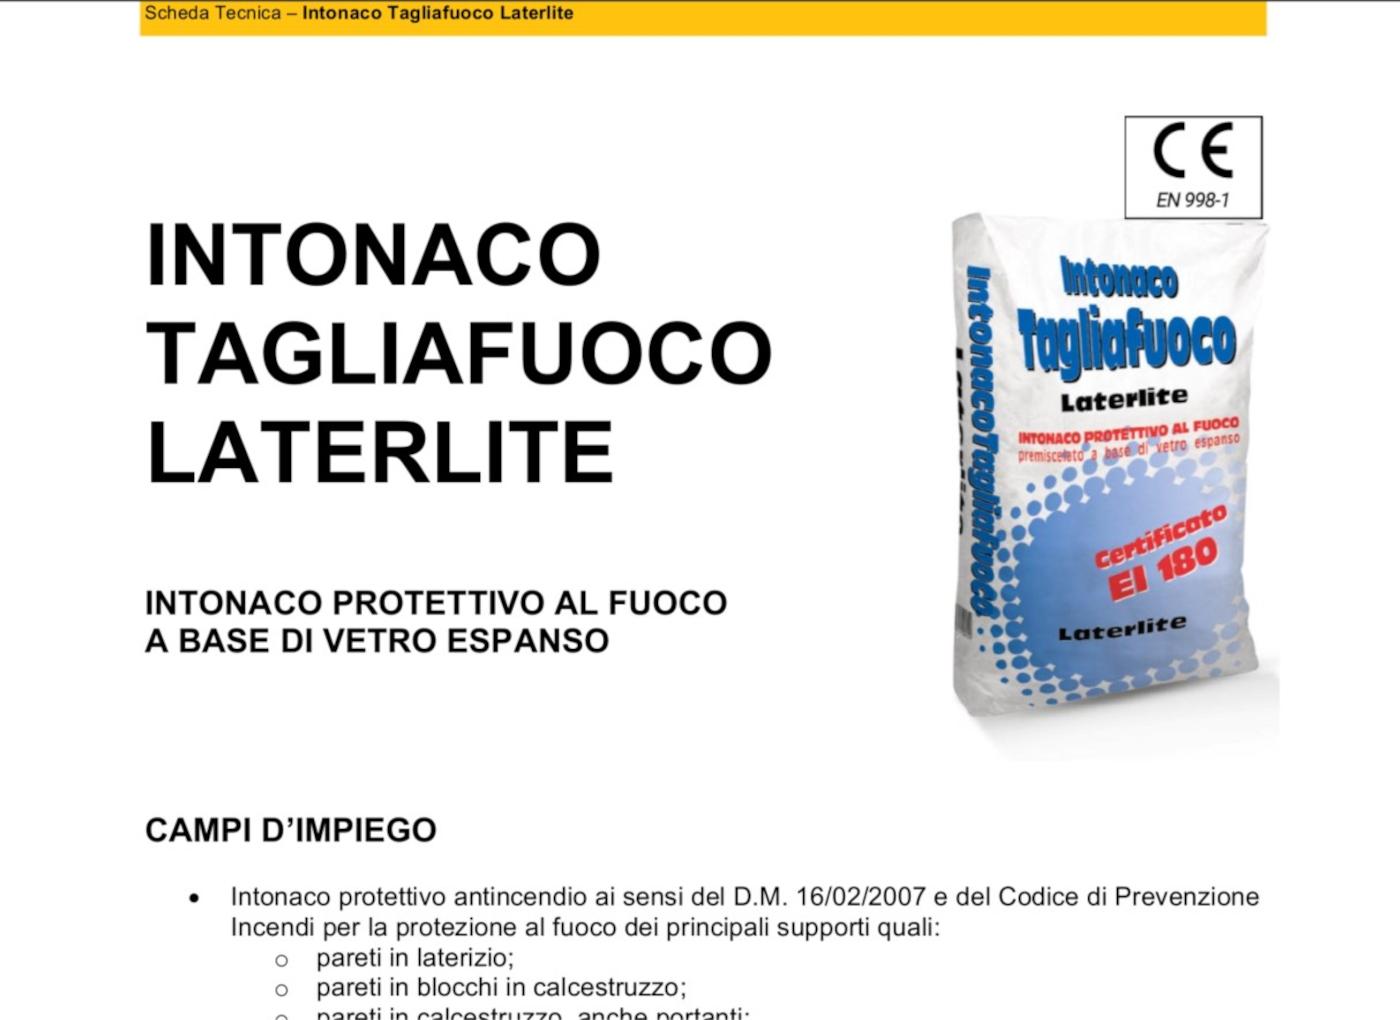 scheda-tecnica-intonaco-tagliafuoco